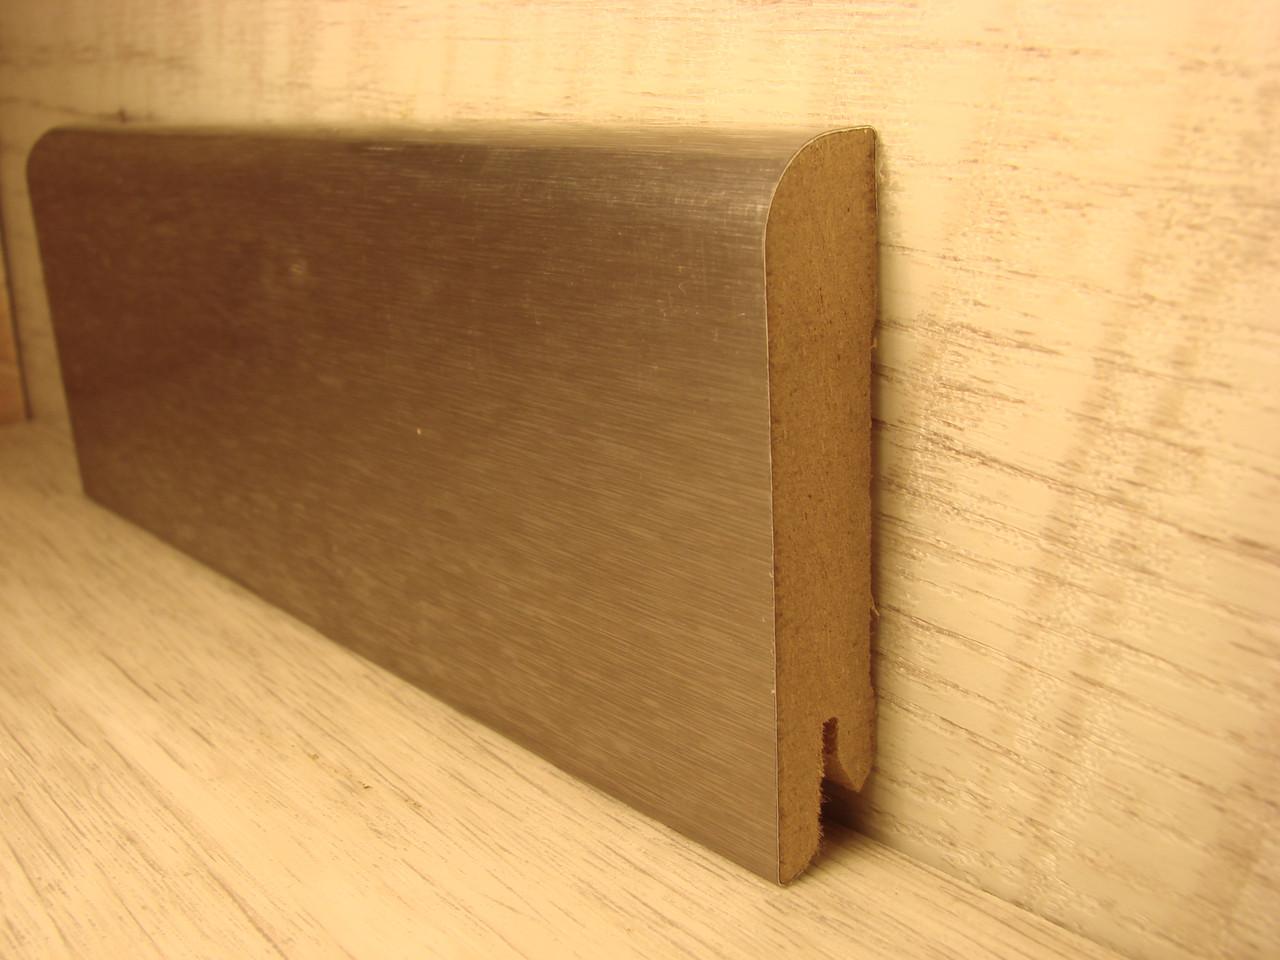 Плинтус деревянный напольный фольгированный Алюминий темный 15*70*2400мм